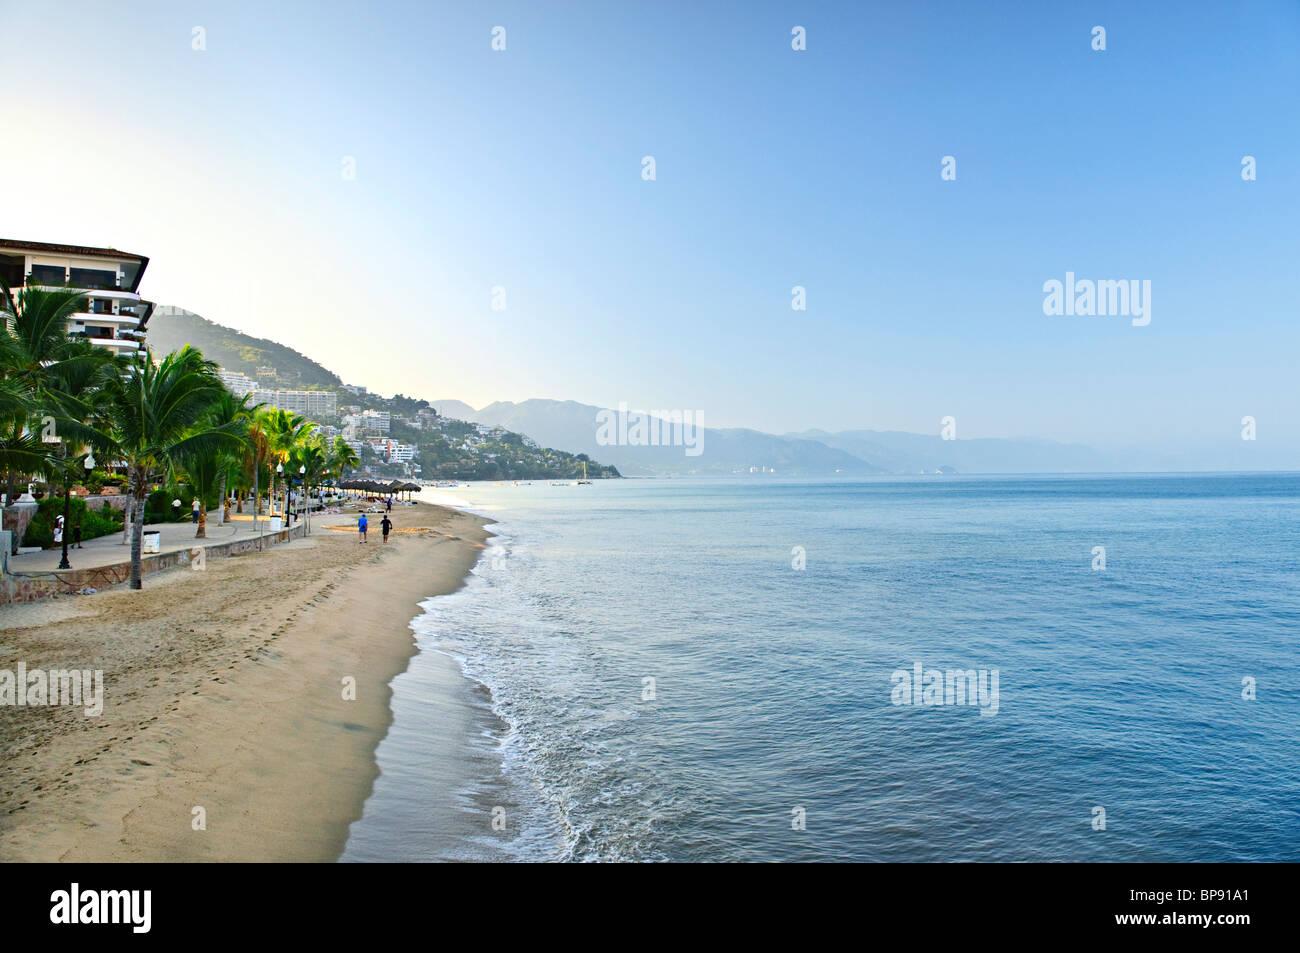 Strand und Malecon am Pazifischen Ozean in Puerto Vallarta, Mexiko Stockfoto